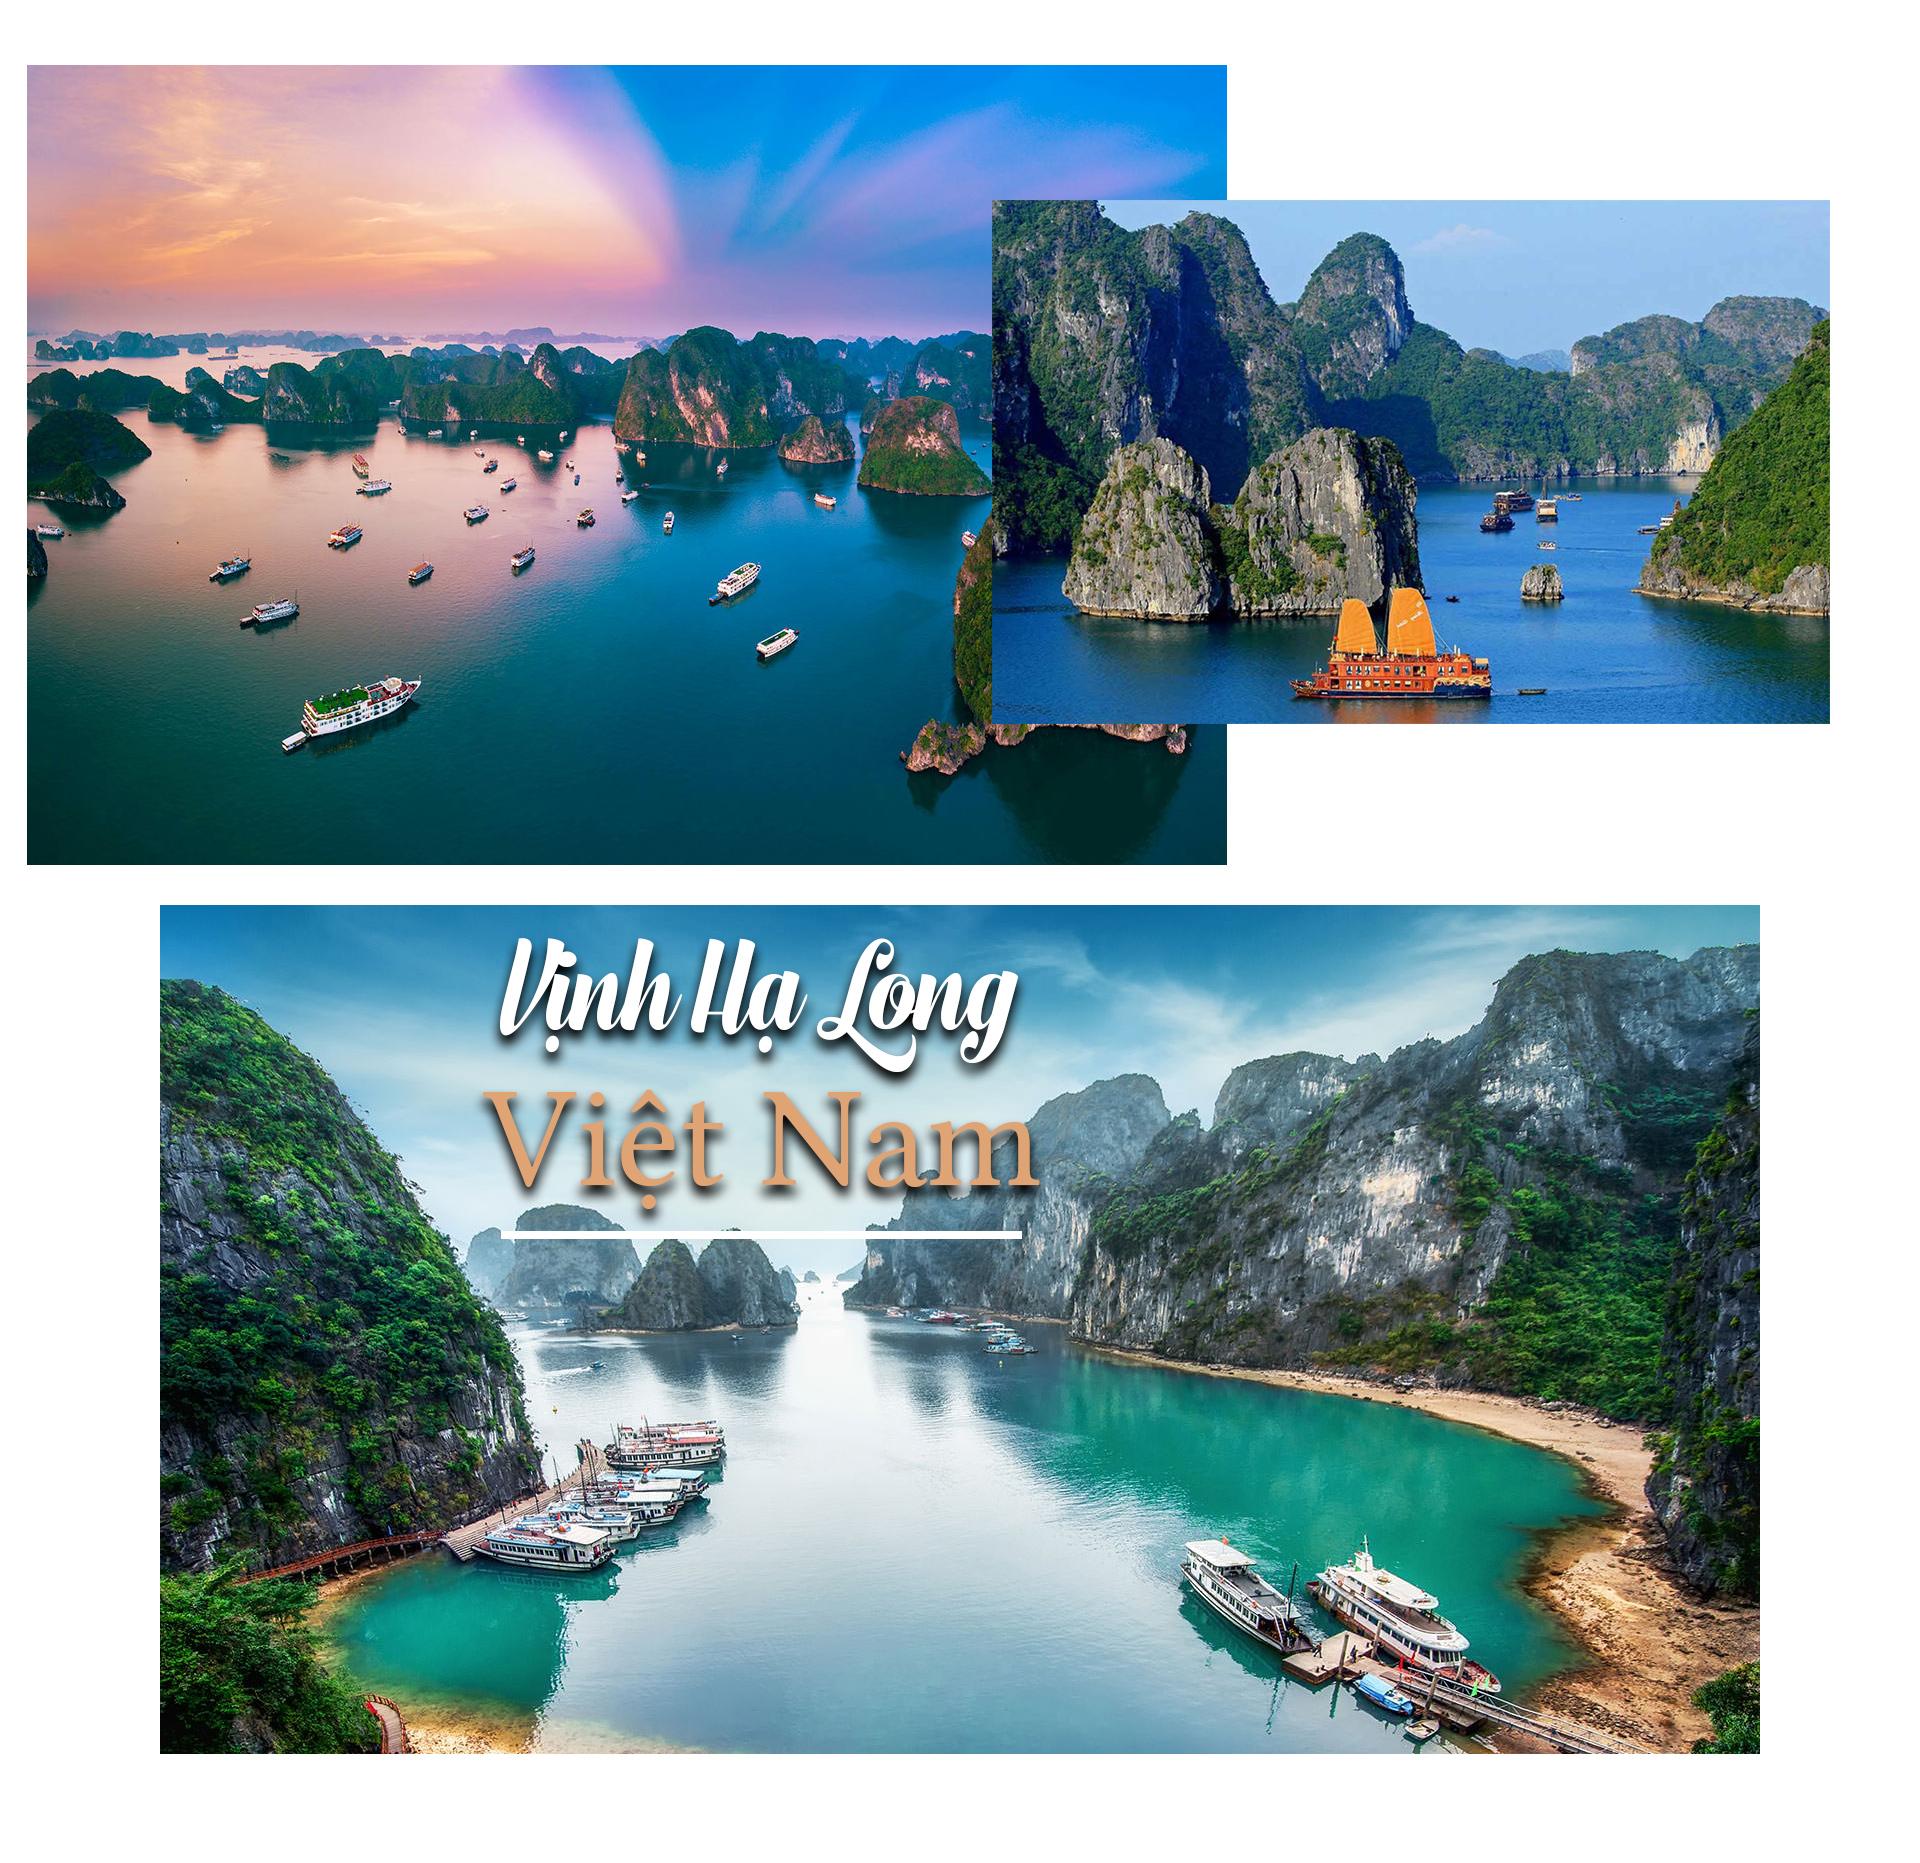 Những thiên đường mùa hè rực rỡ nhất châu Á - 7